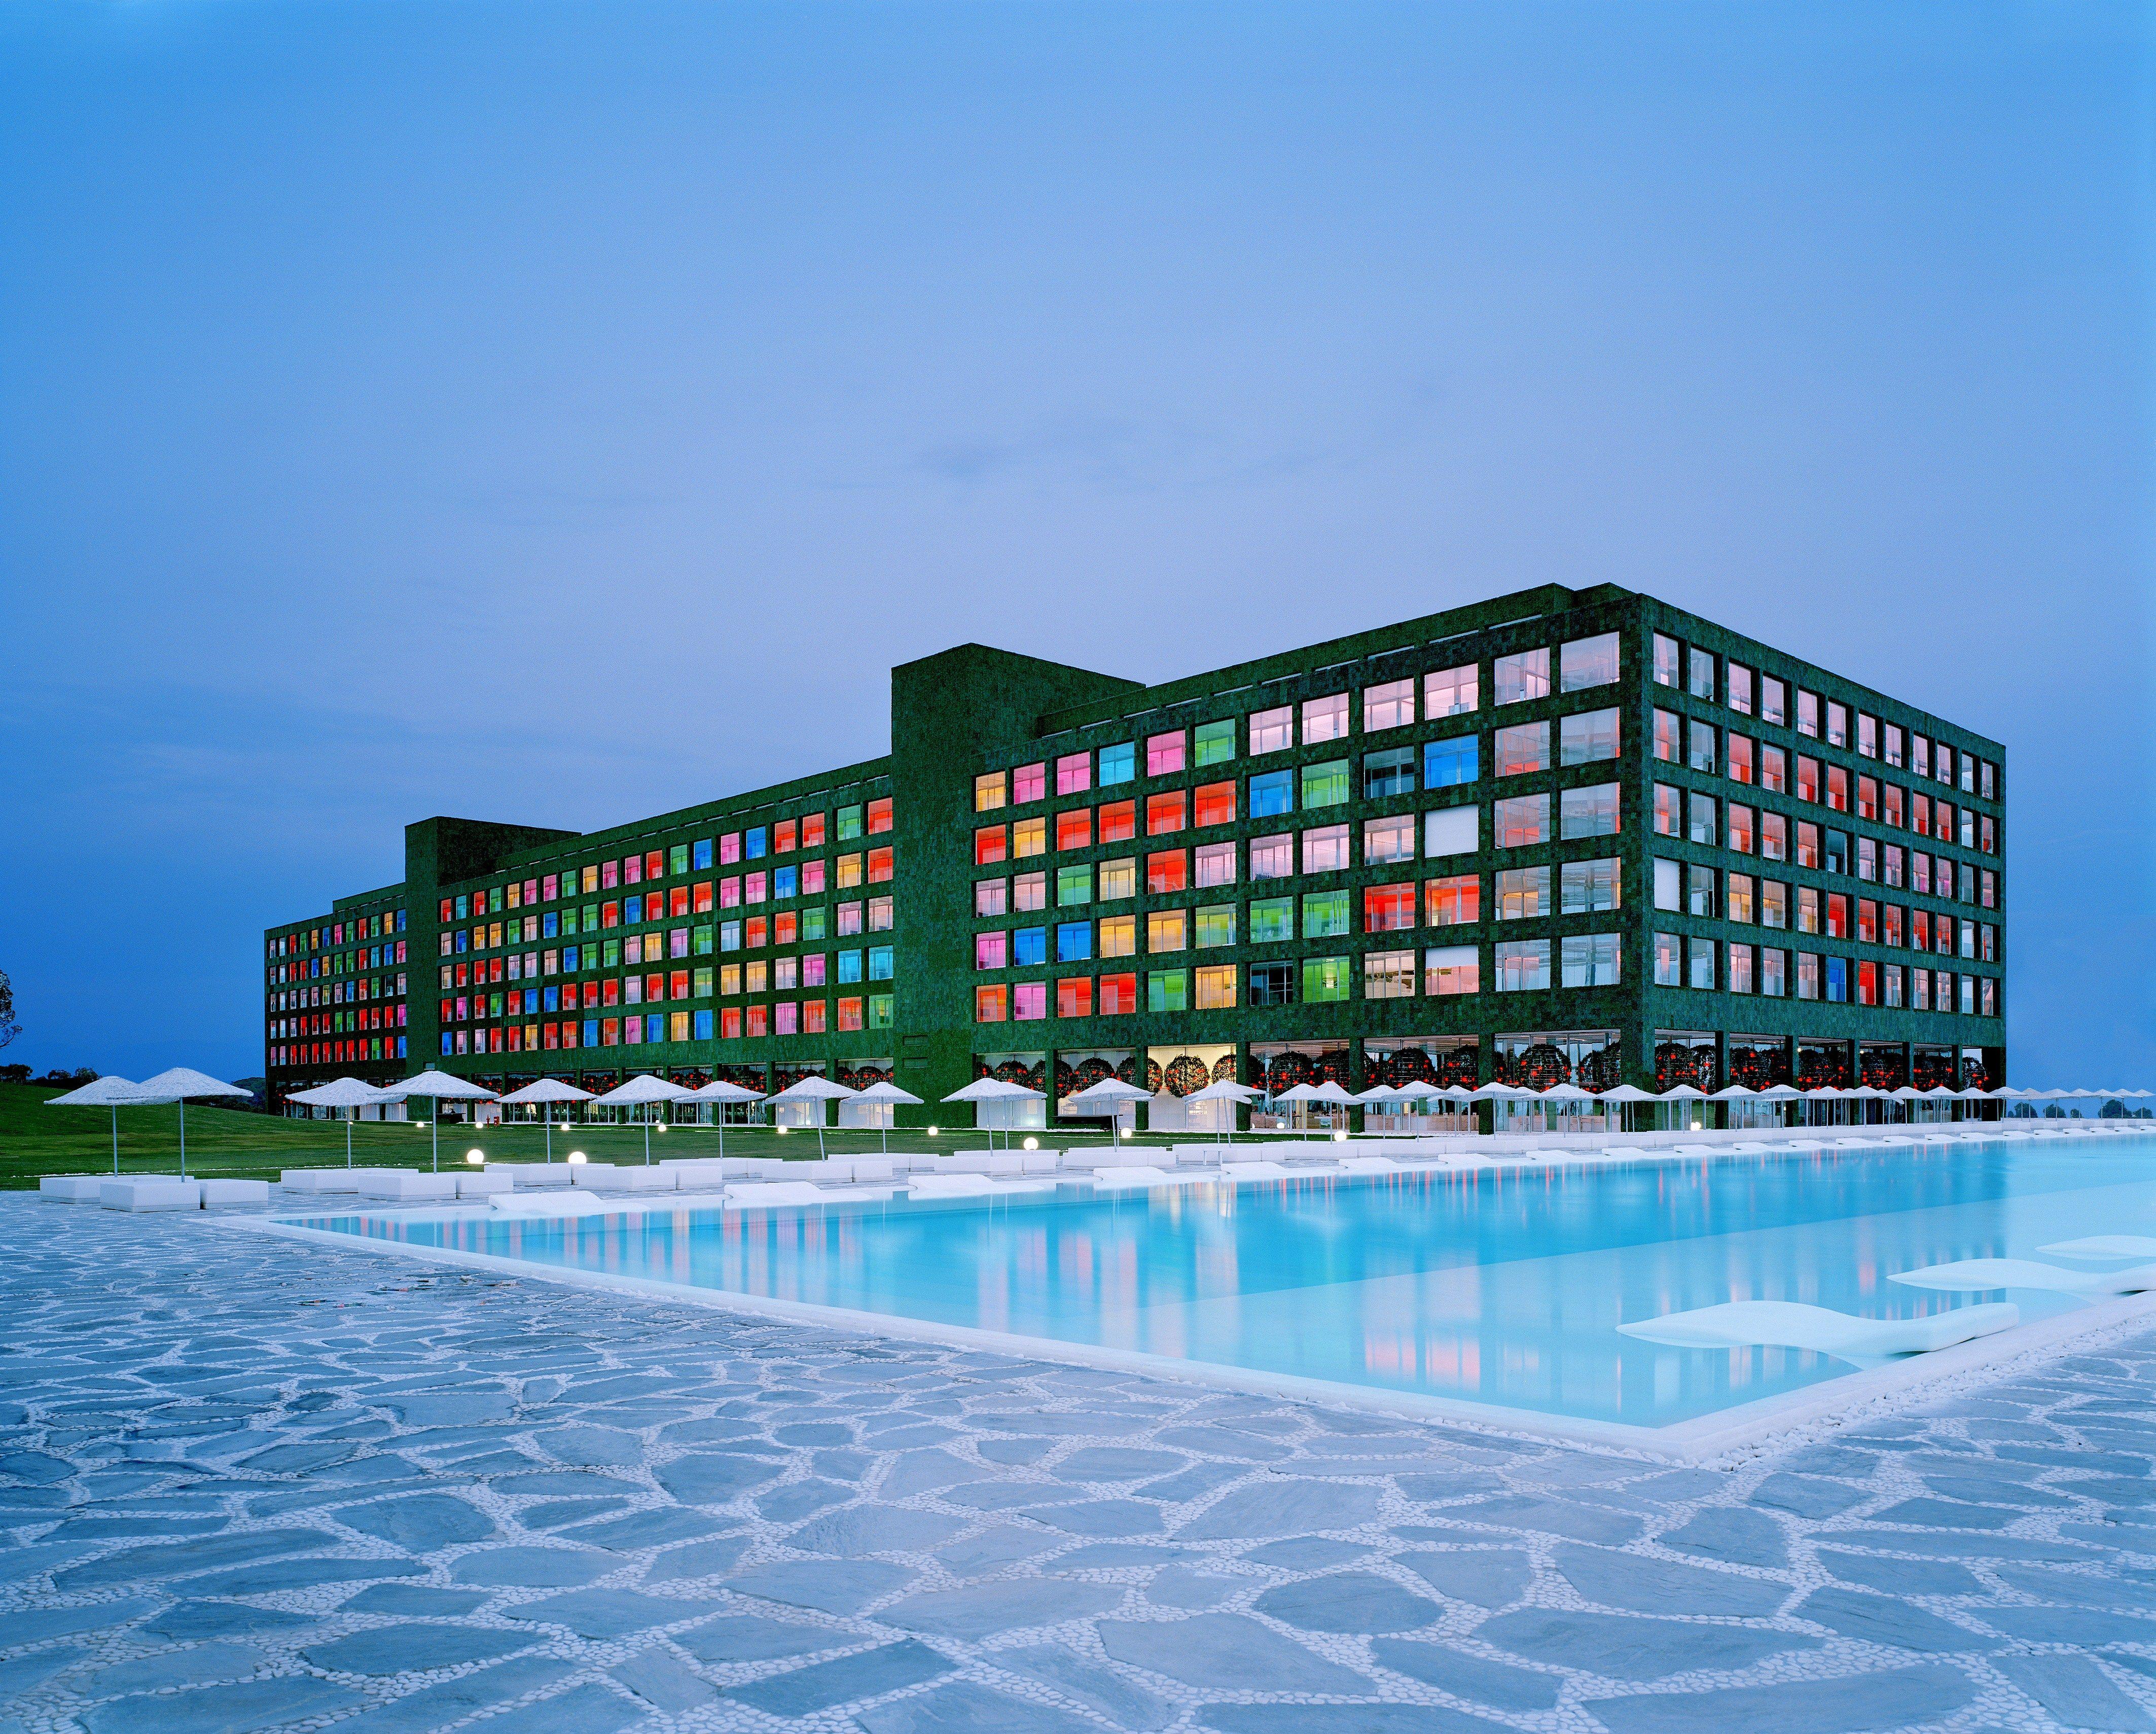 Permalink to Neueste Hotels Mit Privatpool Griechische Inseln Design-ideen